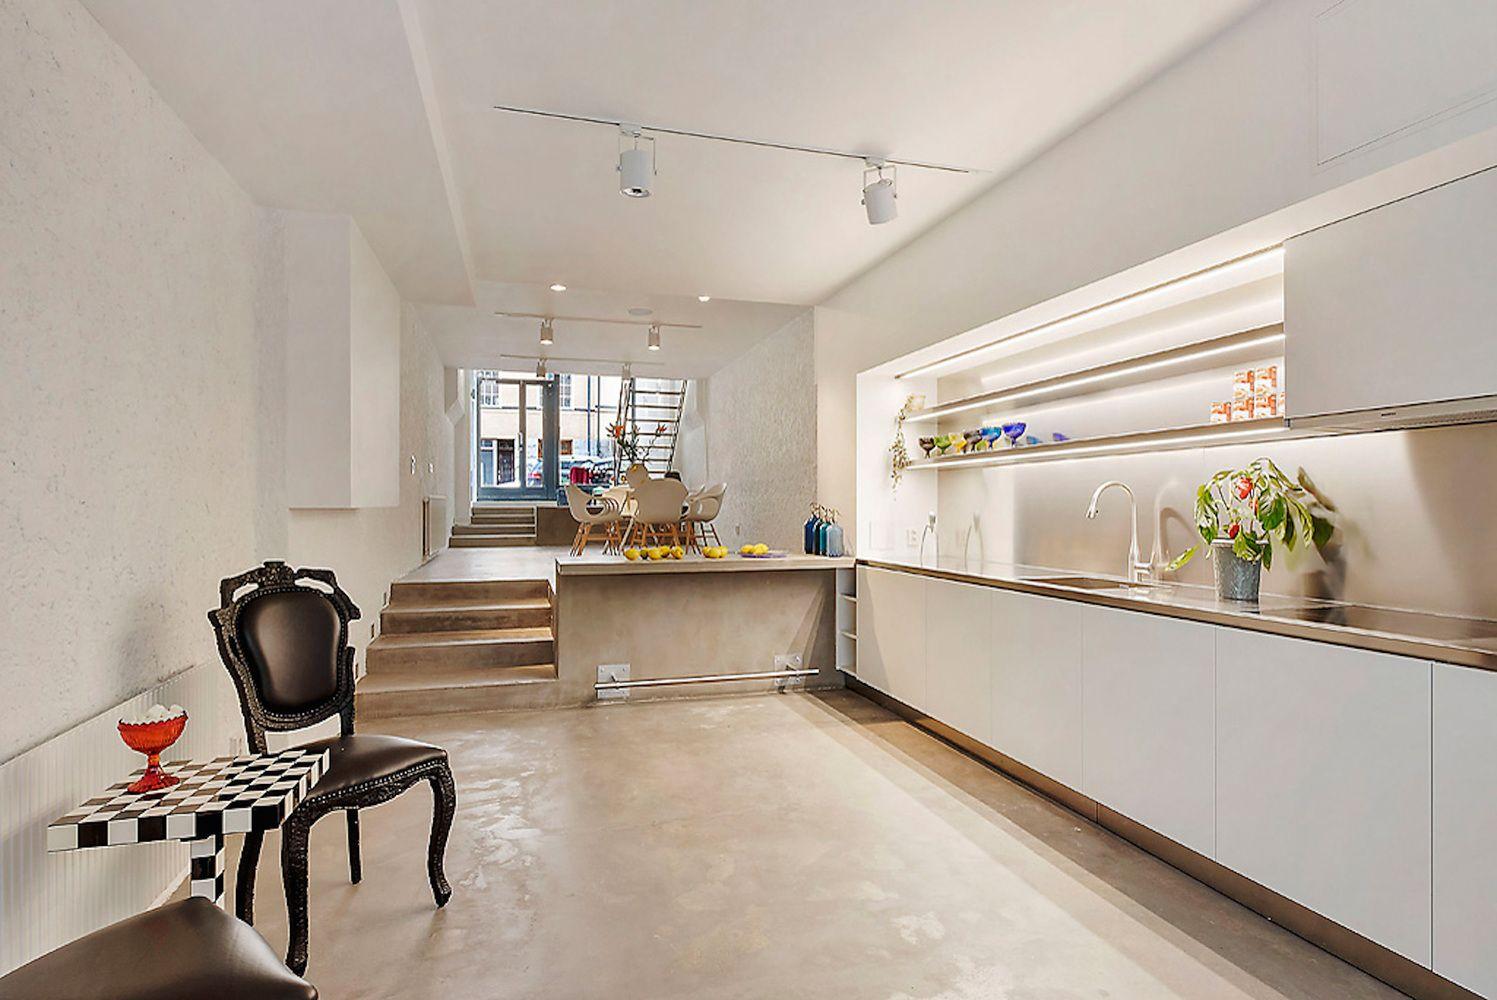 Galeria - Loft em Estocolmo / Beatriz Pons - 1